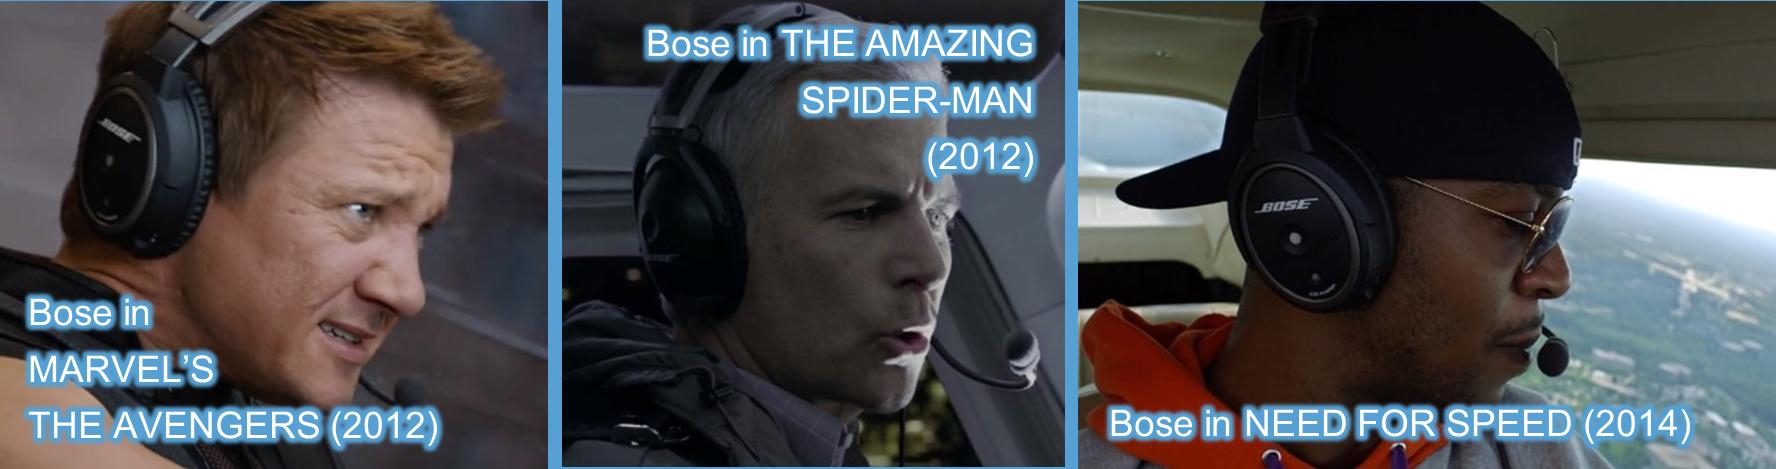 movies - bose